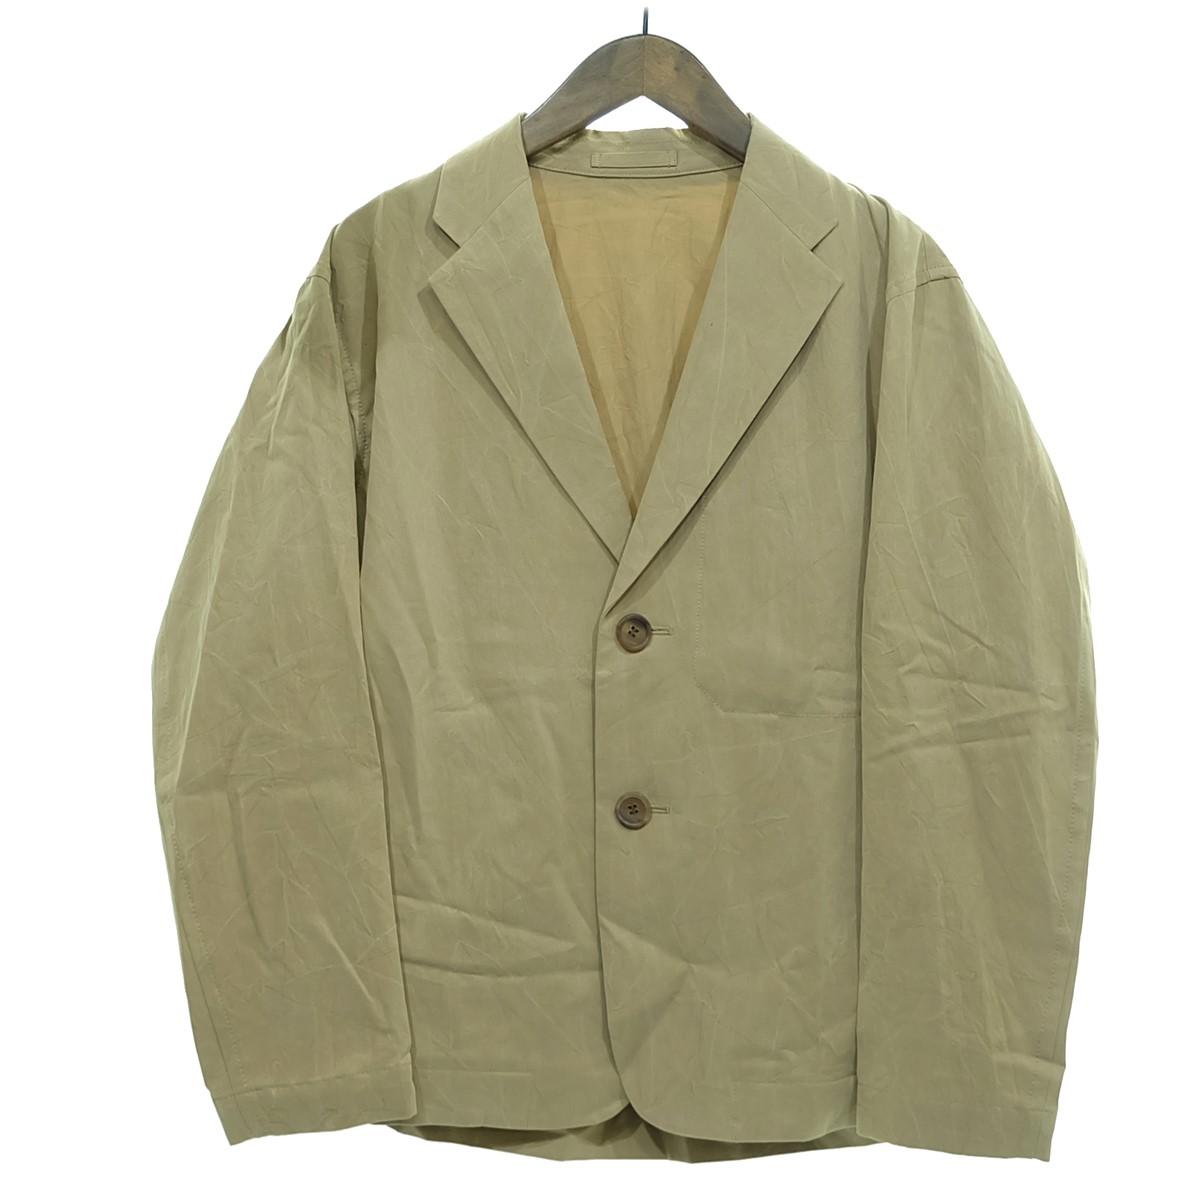 【中古】ISSEY MIYAKE MEN 【2020S/S】2Bテーラードジャケット ベージュ サイズ:1 【160320】(イッセイミヤケ)